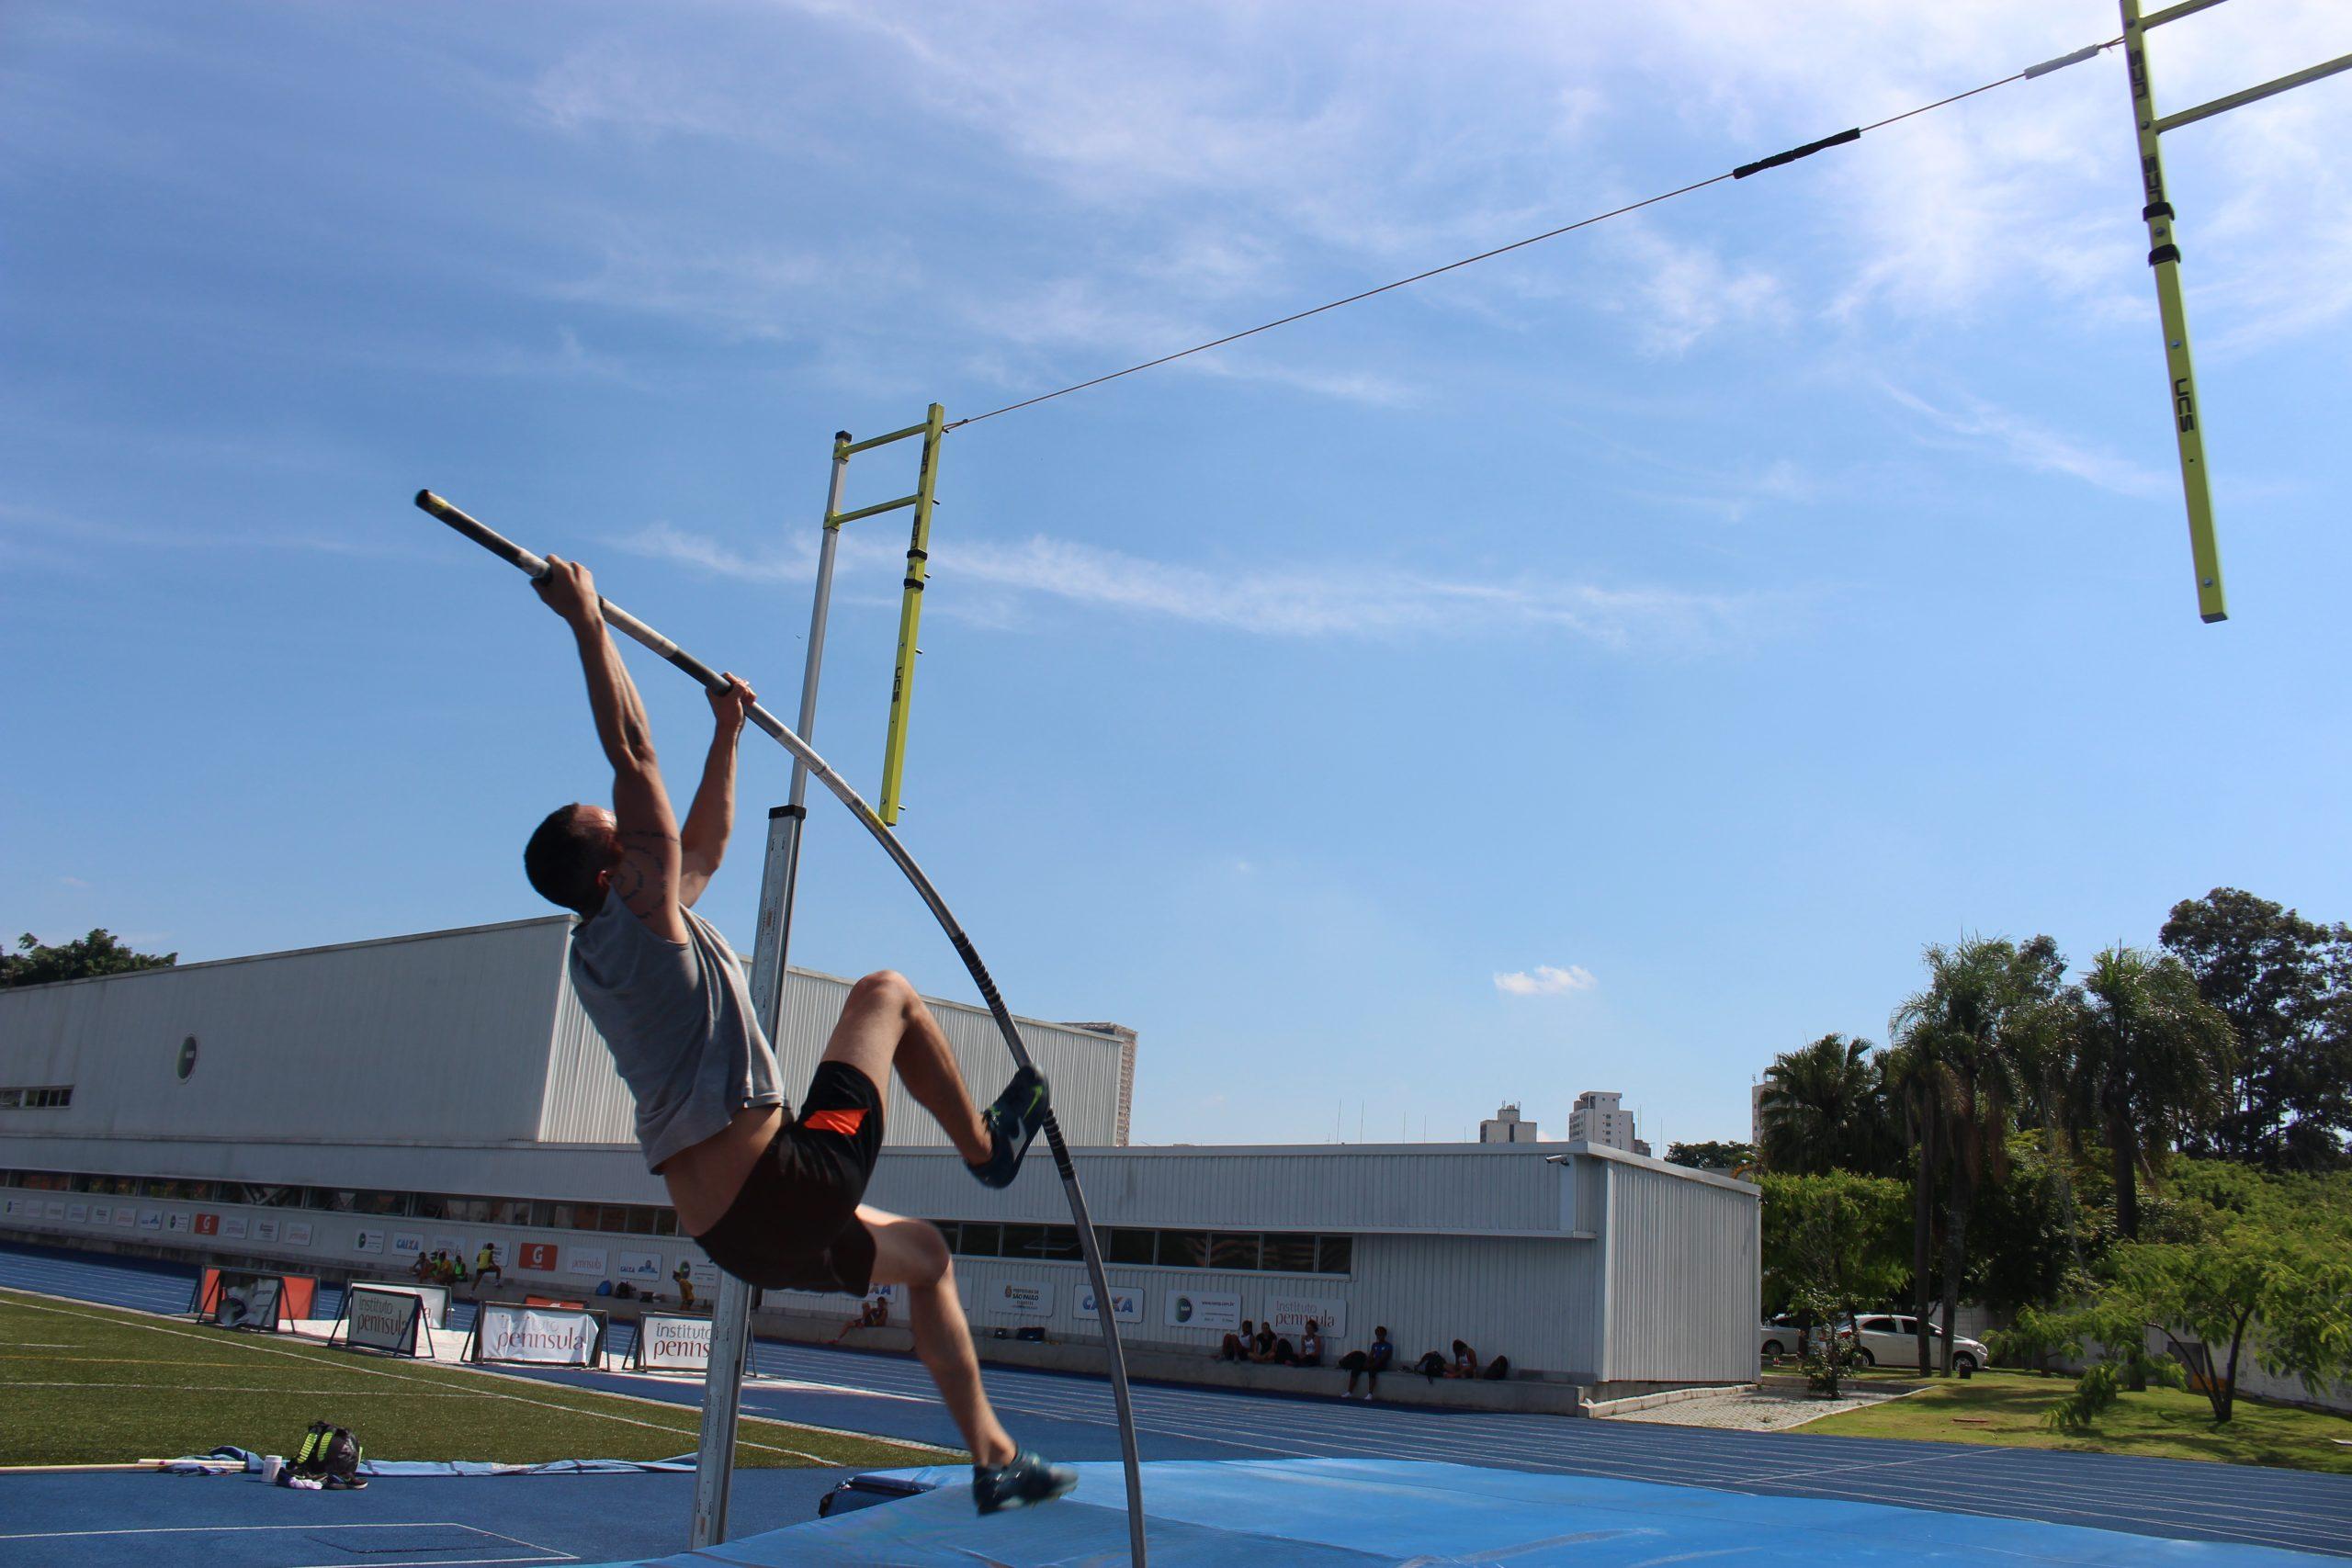 Atletas de salto com vara participam de festival no NAR-SP